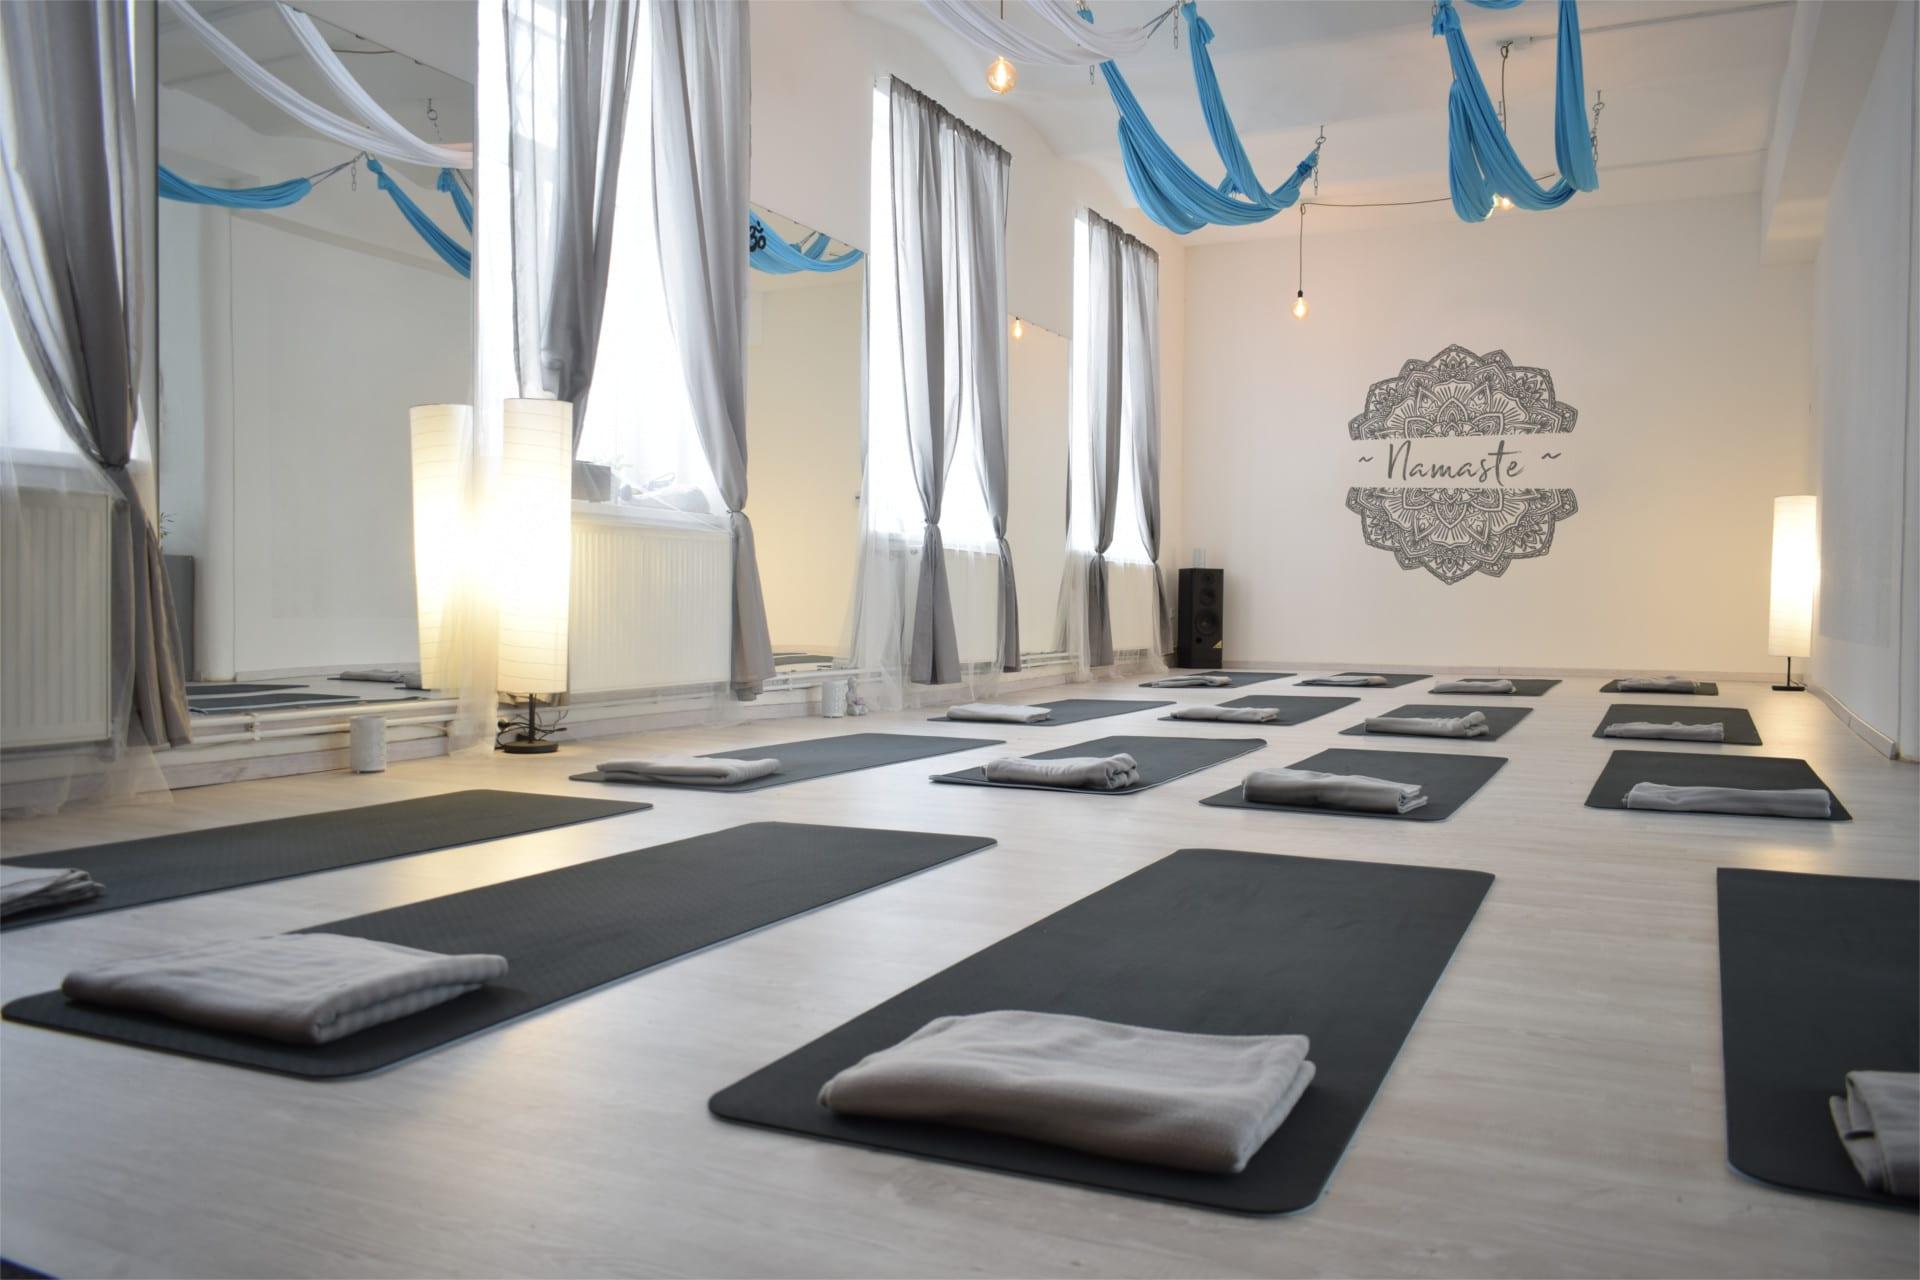 sál jóga Liberec , kde jsou rozmístěny jógové podložky, vzadu je videt velká mandala a sálu dominují zrcadla a dlouhé závěsy, které jsou sladěny tak aby prostor byl naprosto světlý